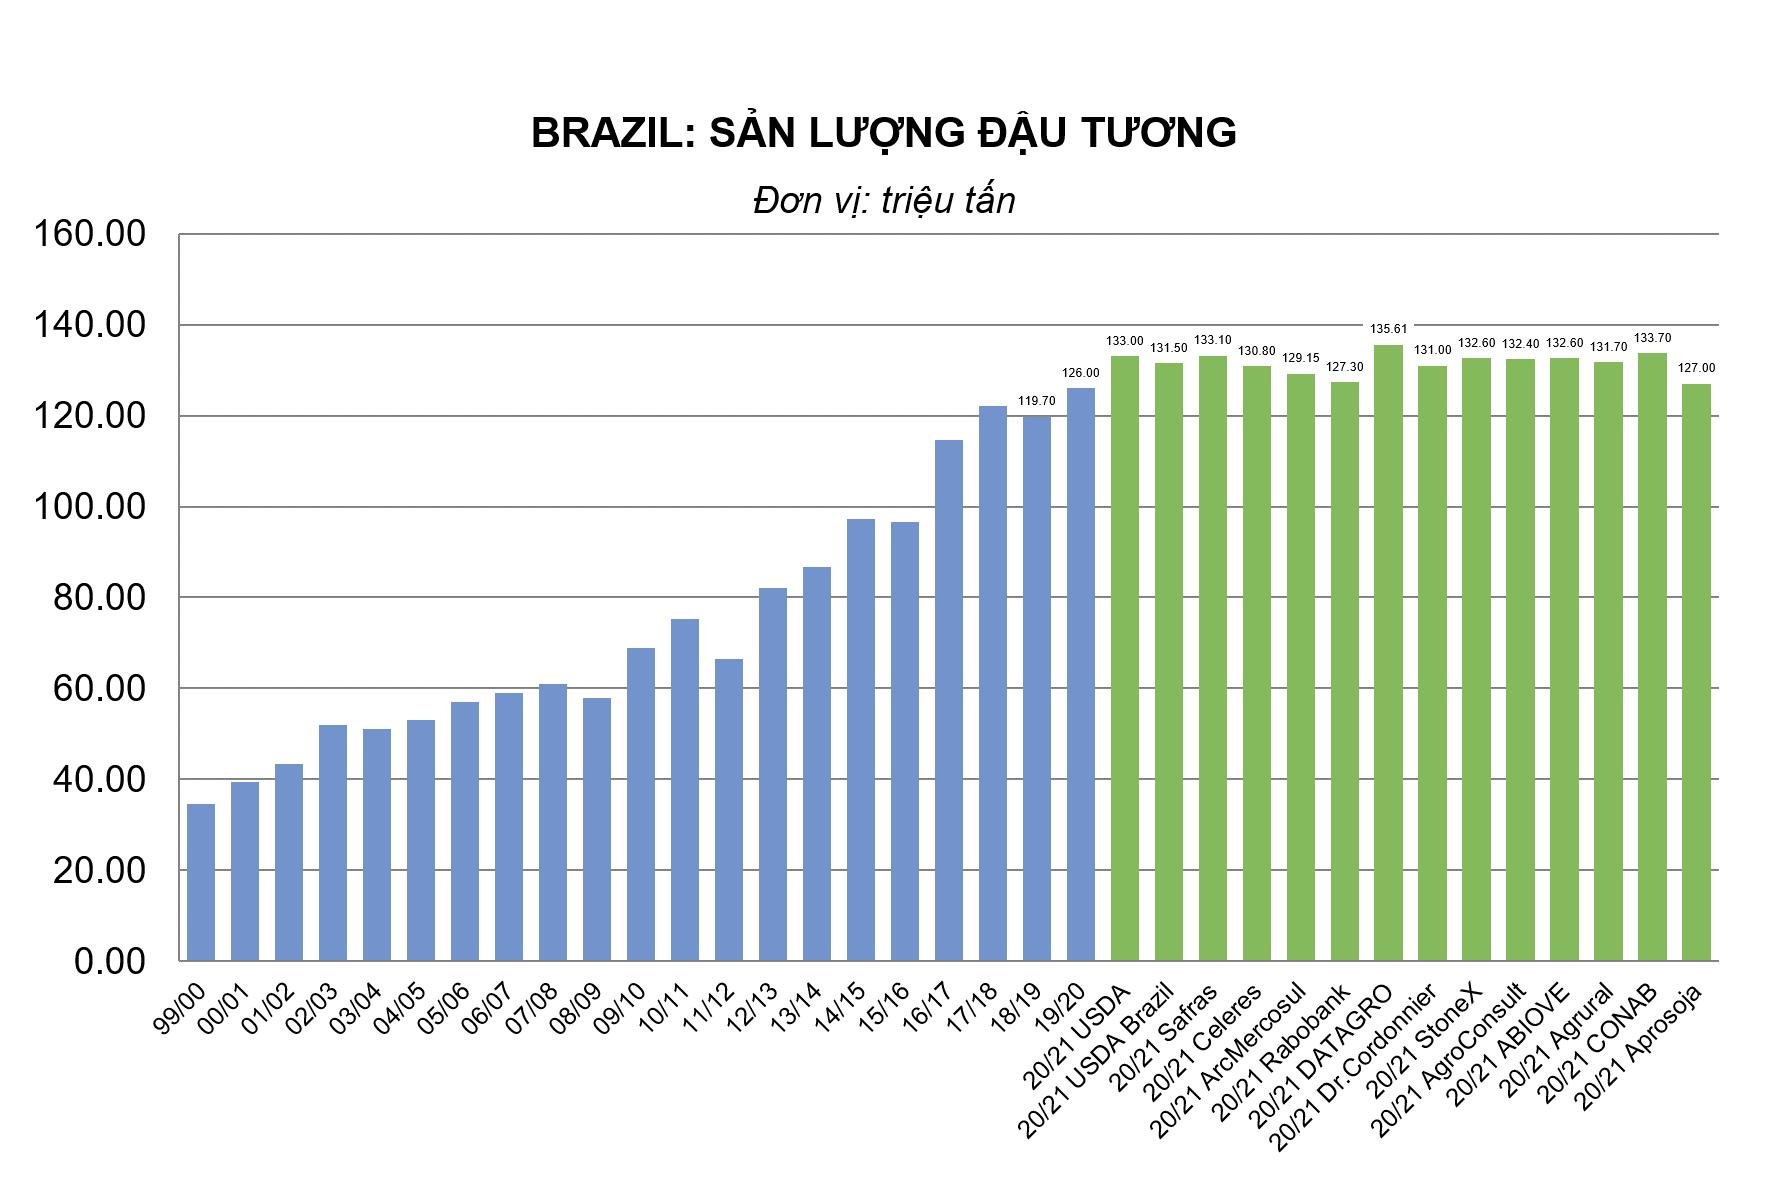 Brazil: safras & mercado tăng dự báo sản lượng đậu tương 20/21 lên 133.1 triệu tấn